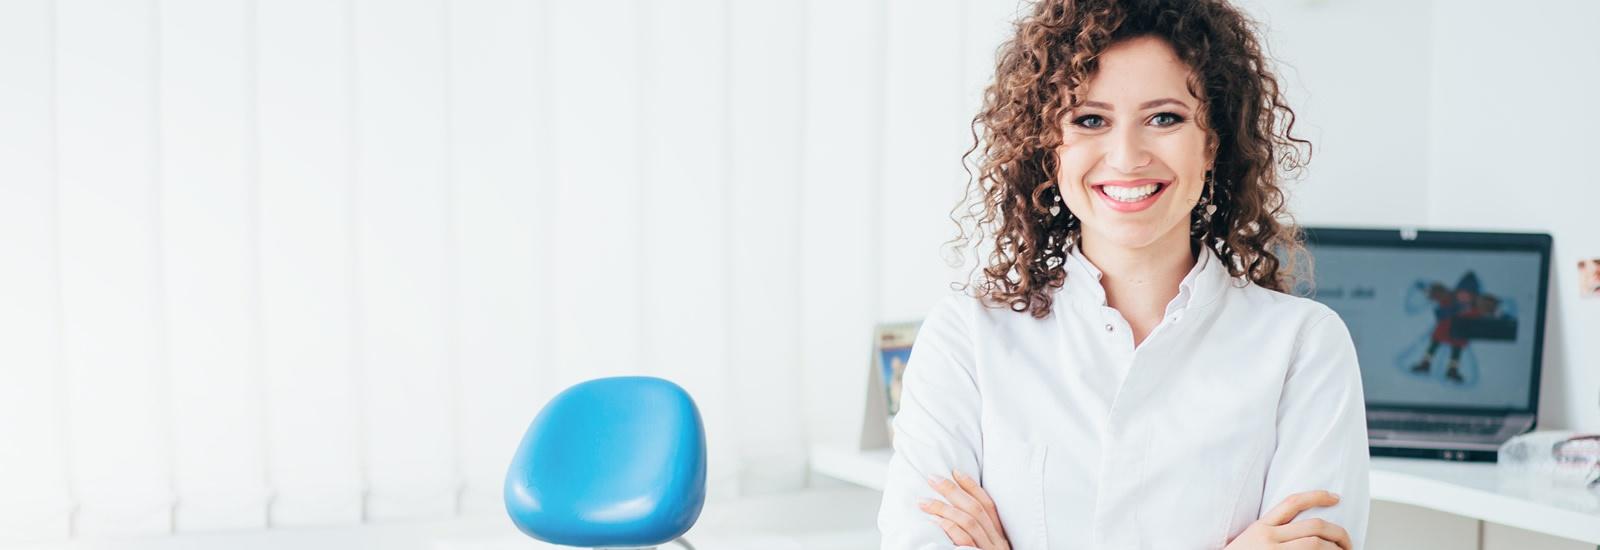 Idéallab , votre prothésiste dentaire